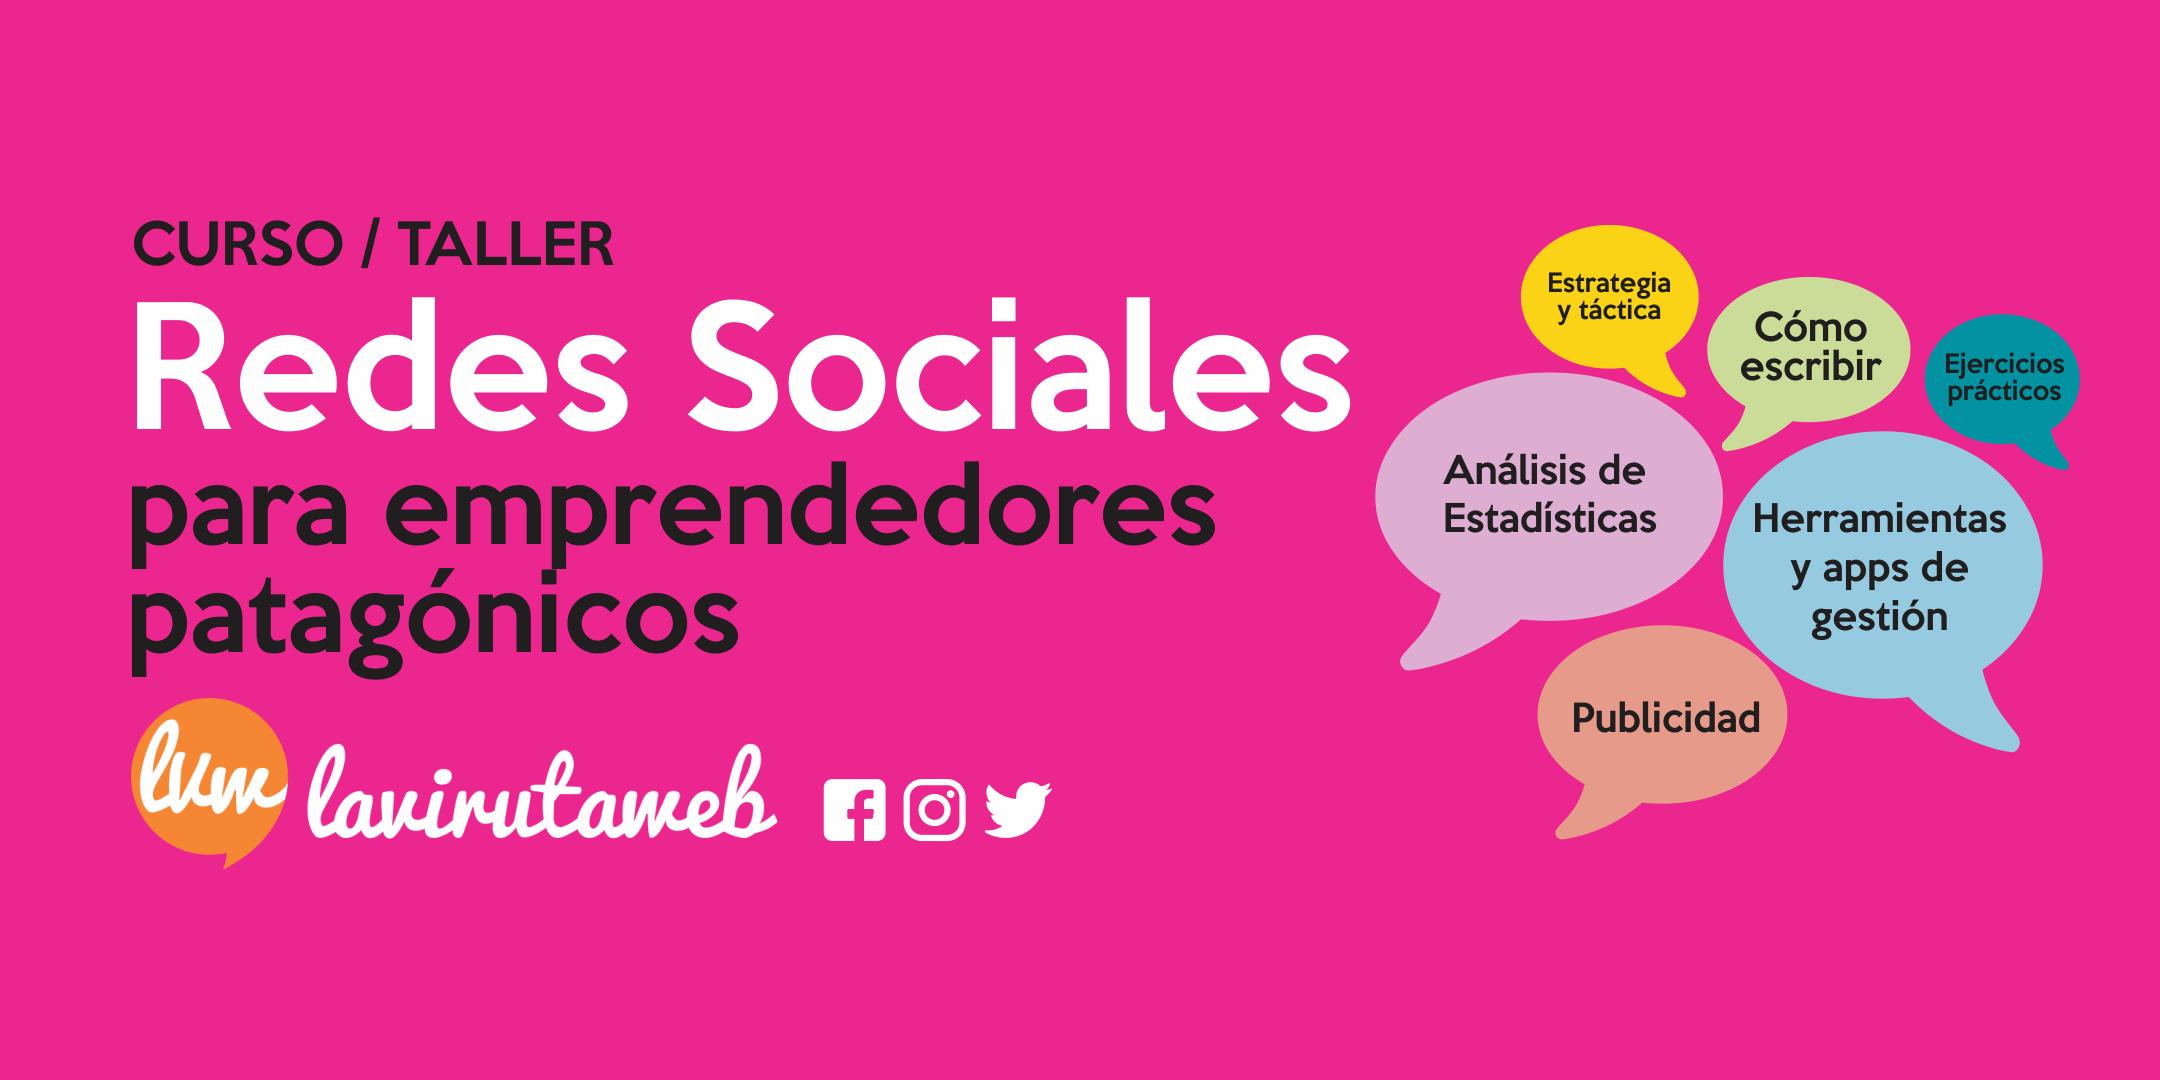 No te pierdas el taller de Redes Sociales para emprendedores patagónicos en Plaza Huincul